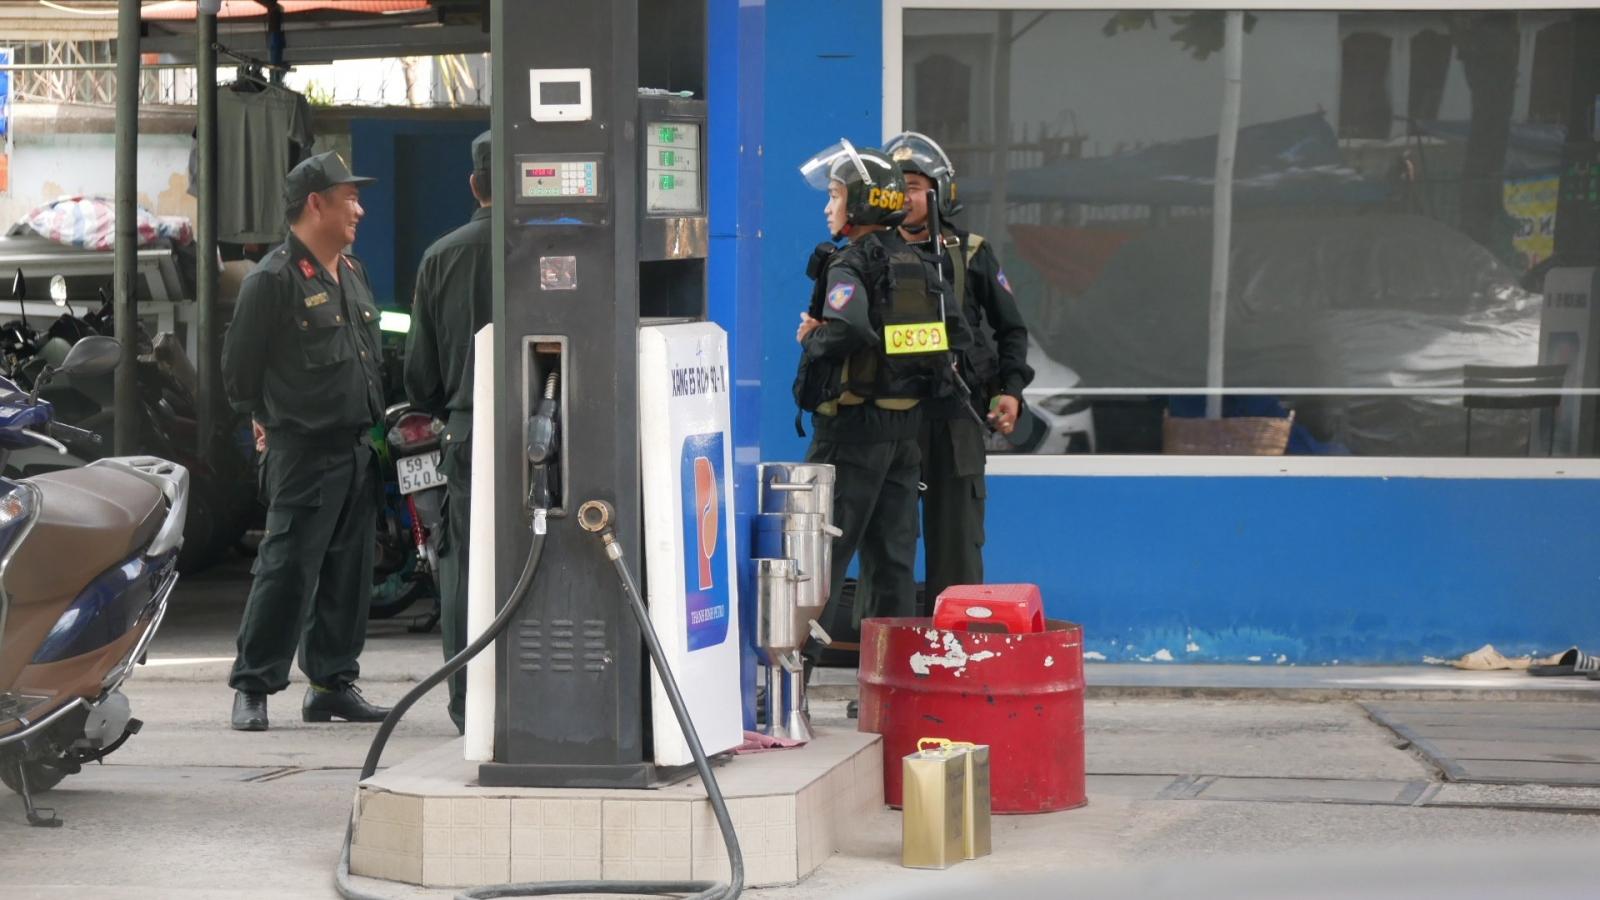 Cảnh sát đang phong tỏa một cửa hàng xăng dầu ở TPHCM